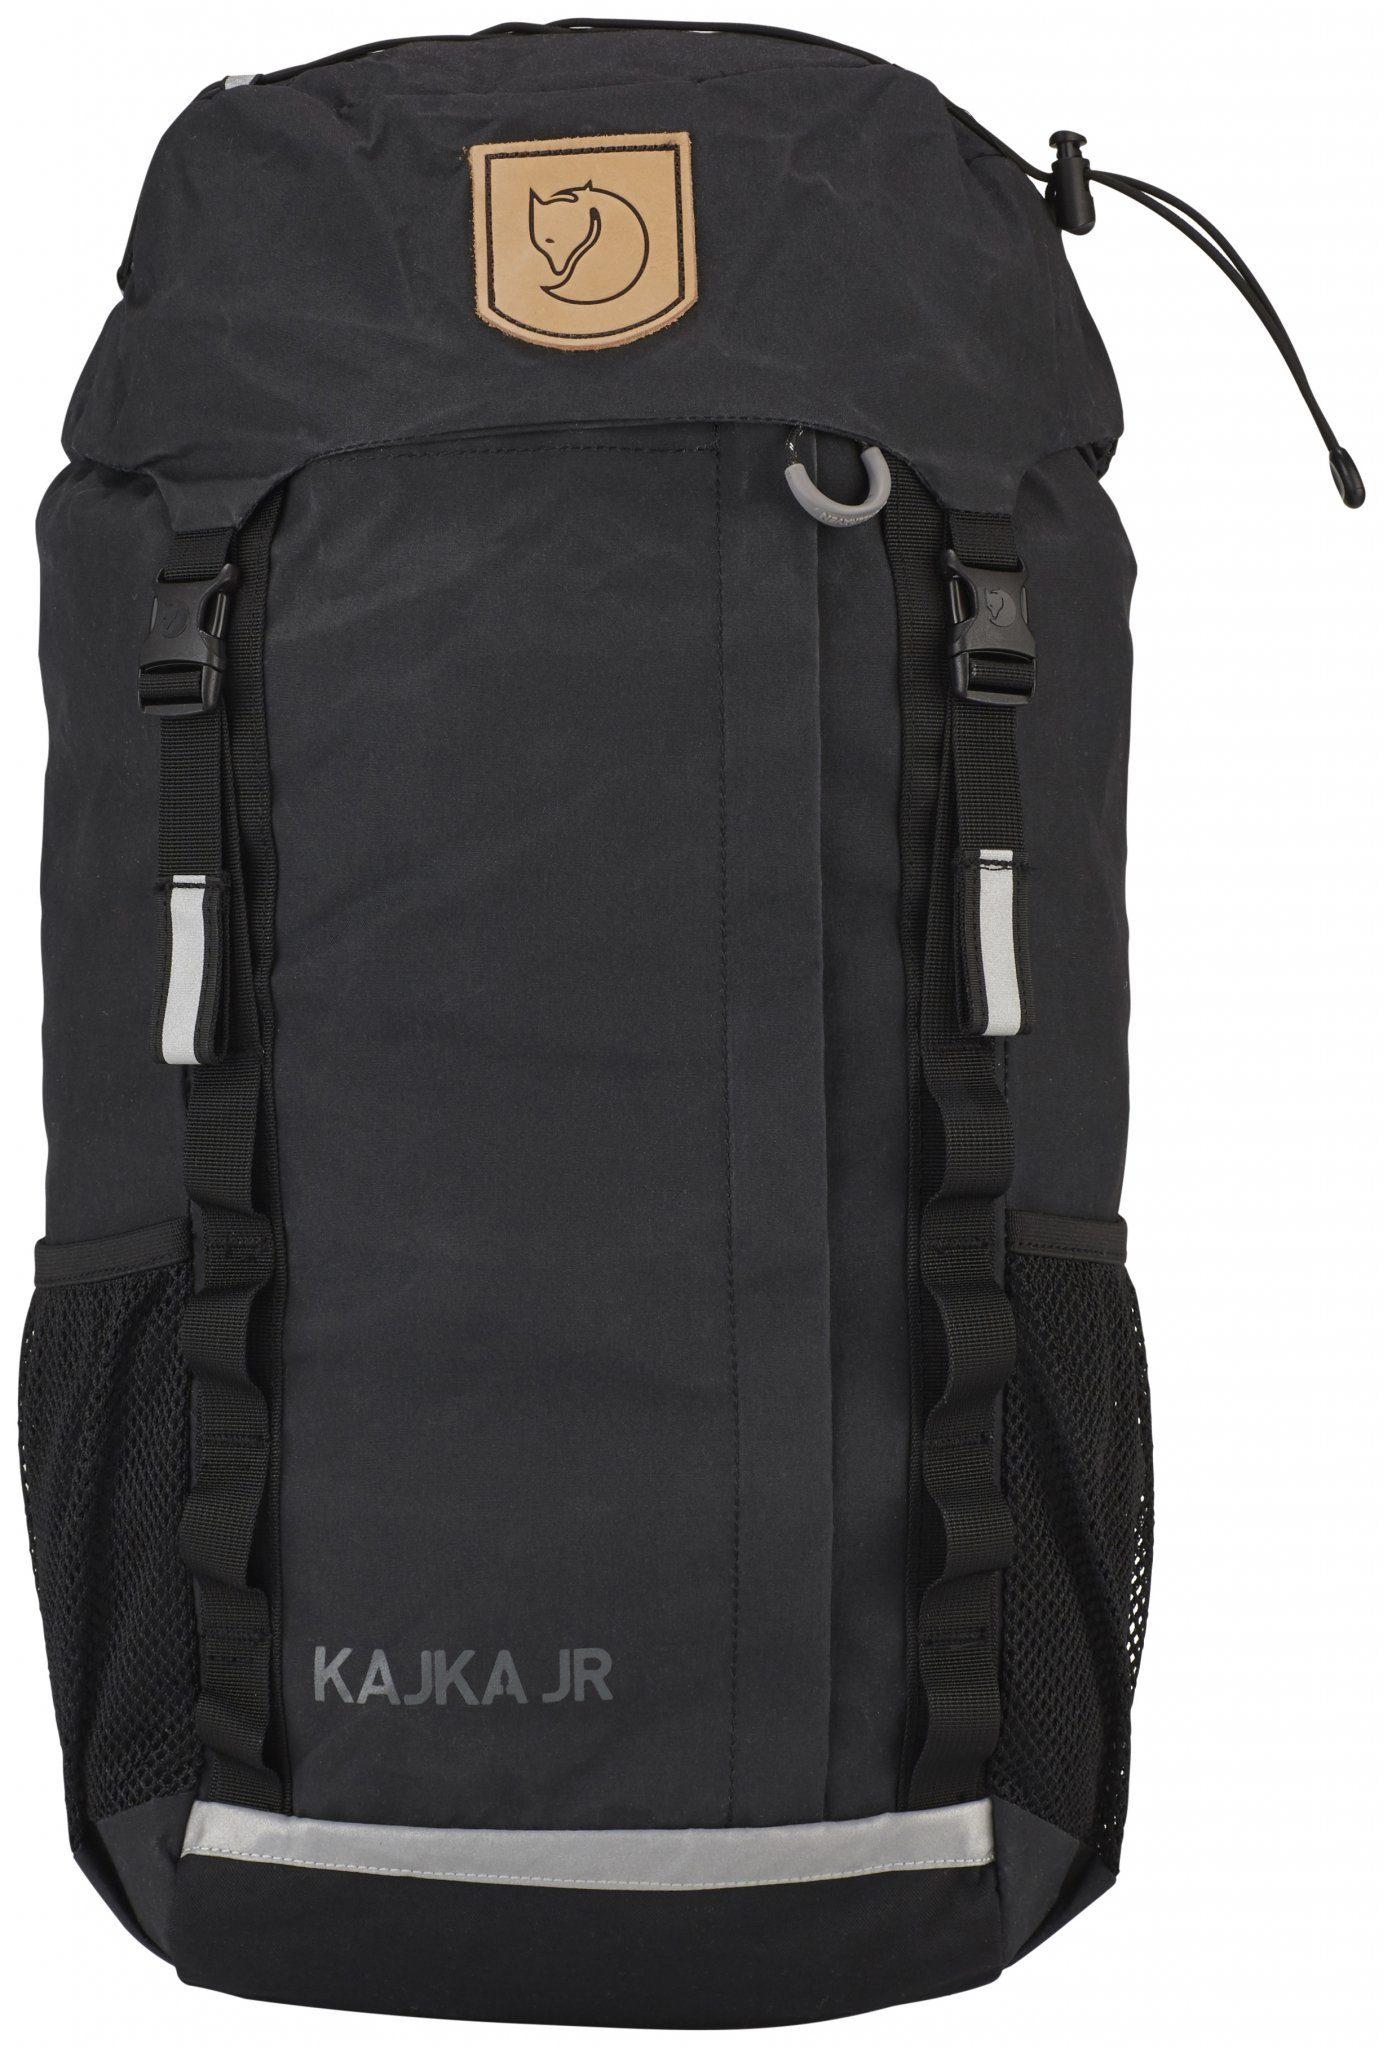 Fjällräven Sport- und Freizeittasche »Kajka Backpack Junior 20L«